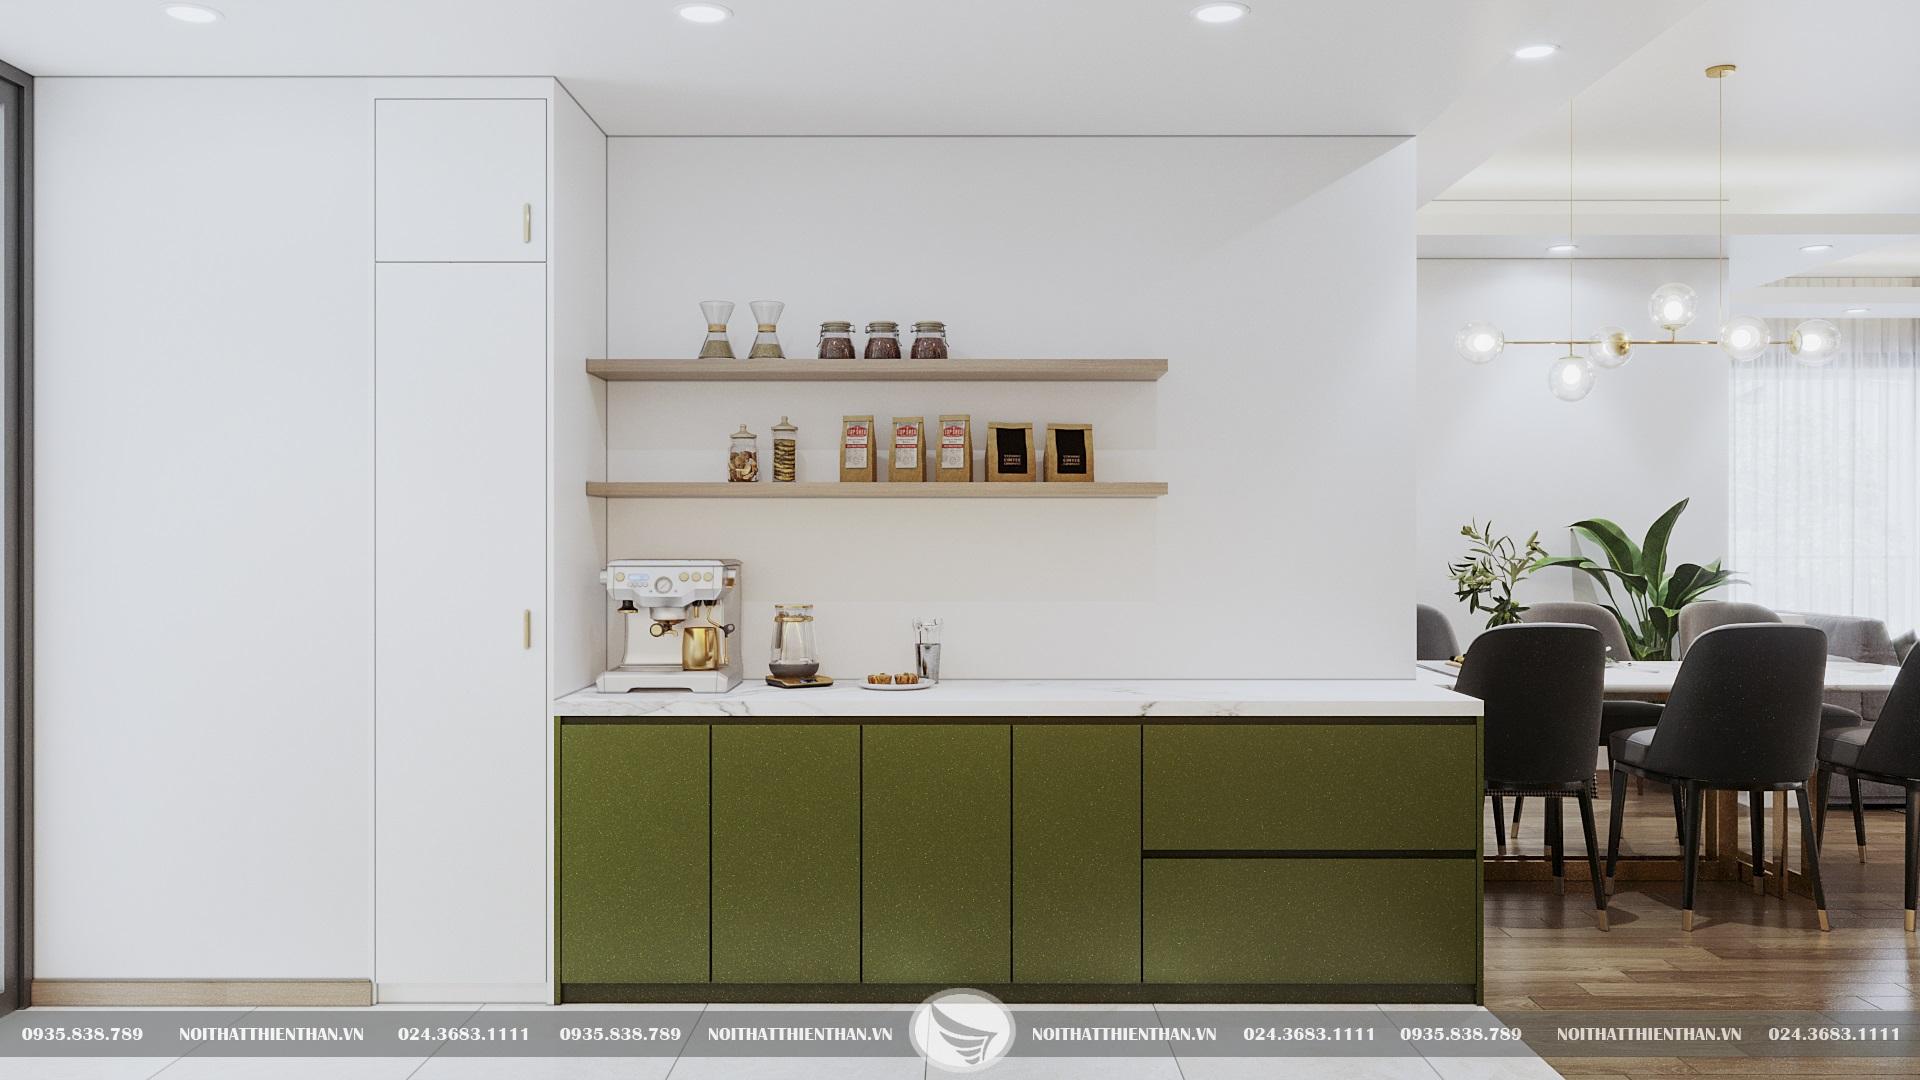 cách trang trí phòng bếp nhỏ đẹp